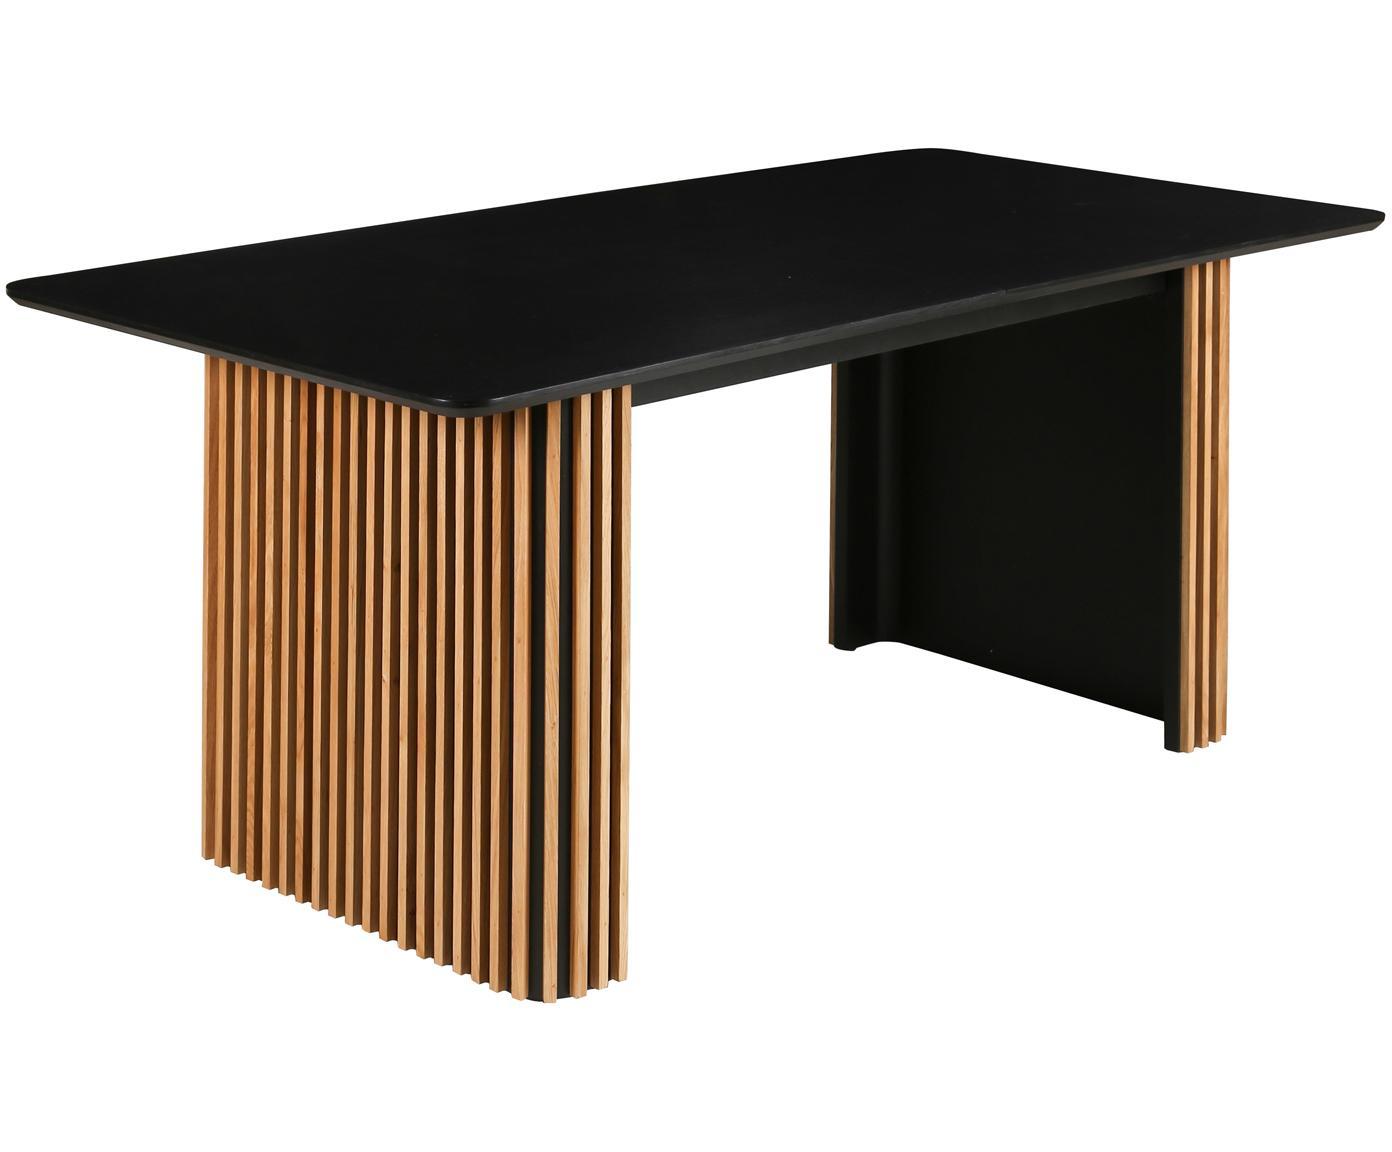 Tavolo allungabile con finitura in quercia Linea, Nero, legno di quercia, Larg. 180 a 230 x Prof. 90 cm